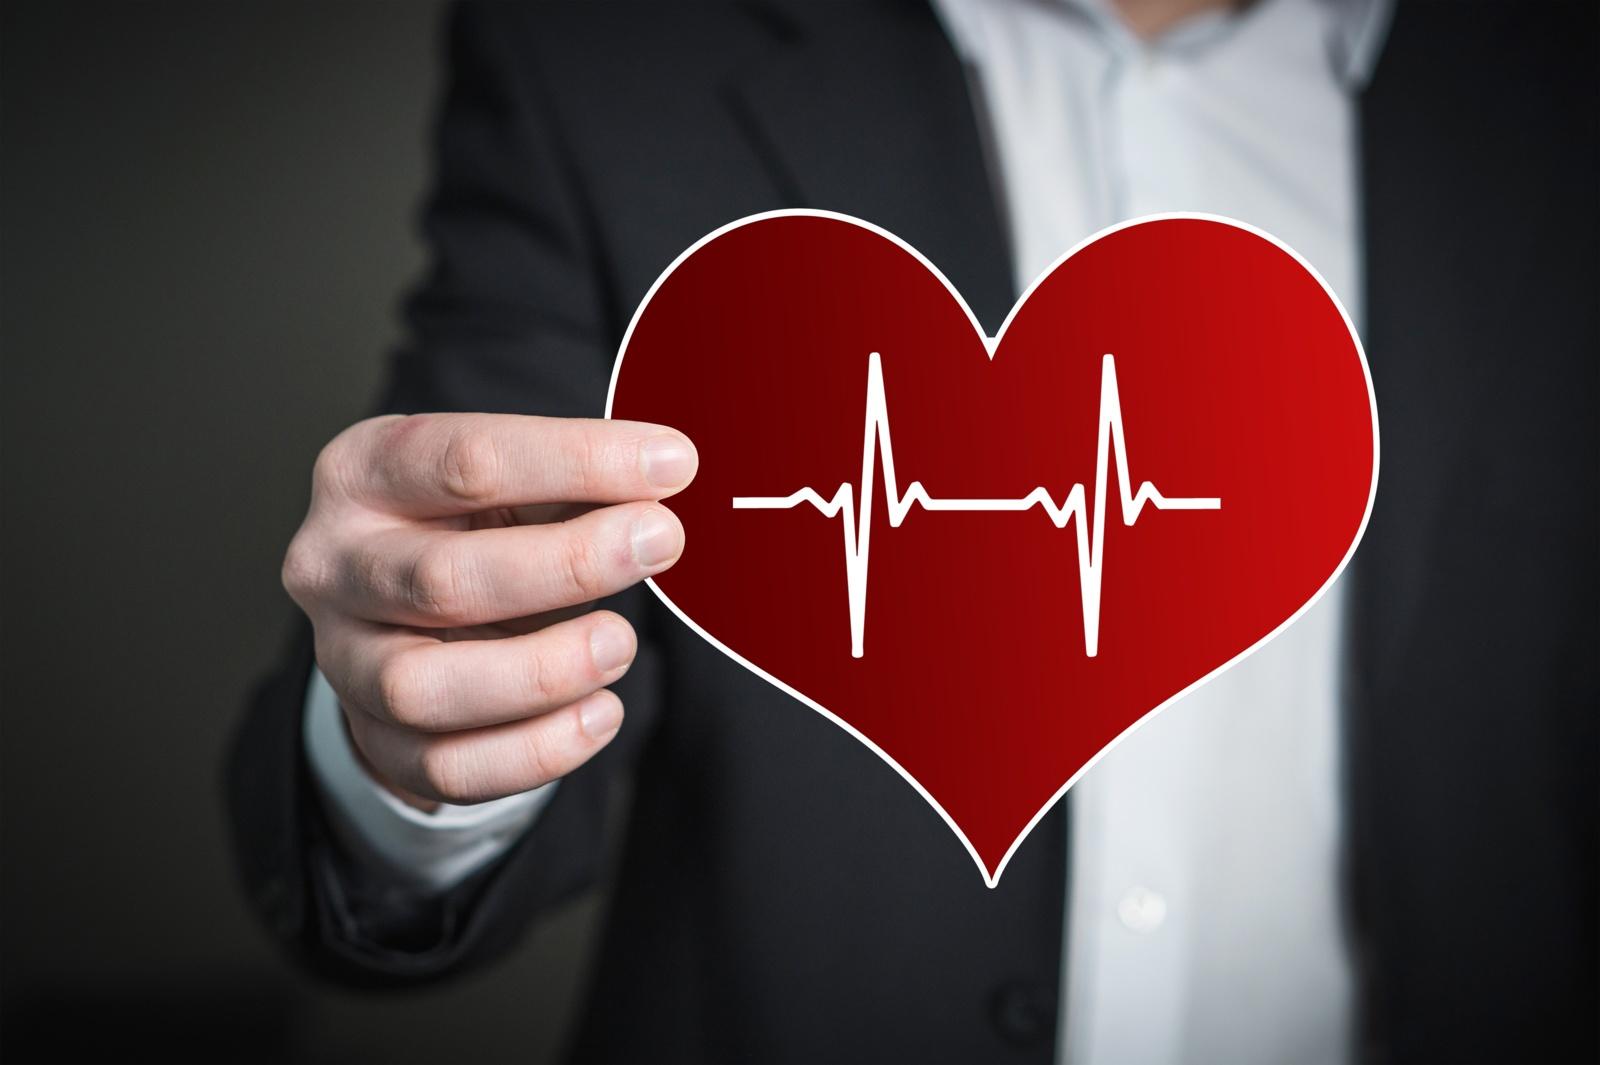 hipertenzija rodo ekg gydymas pasireiškus pirmiesiems hipertenzijos požymiams